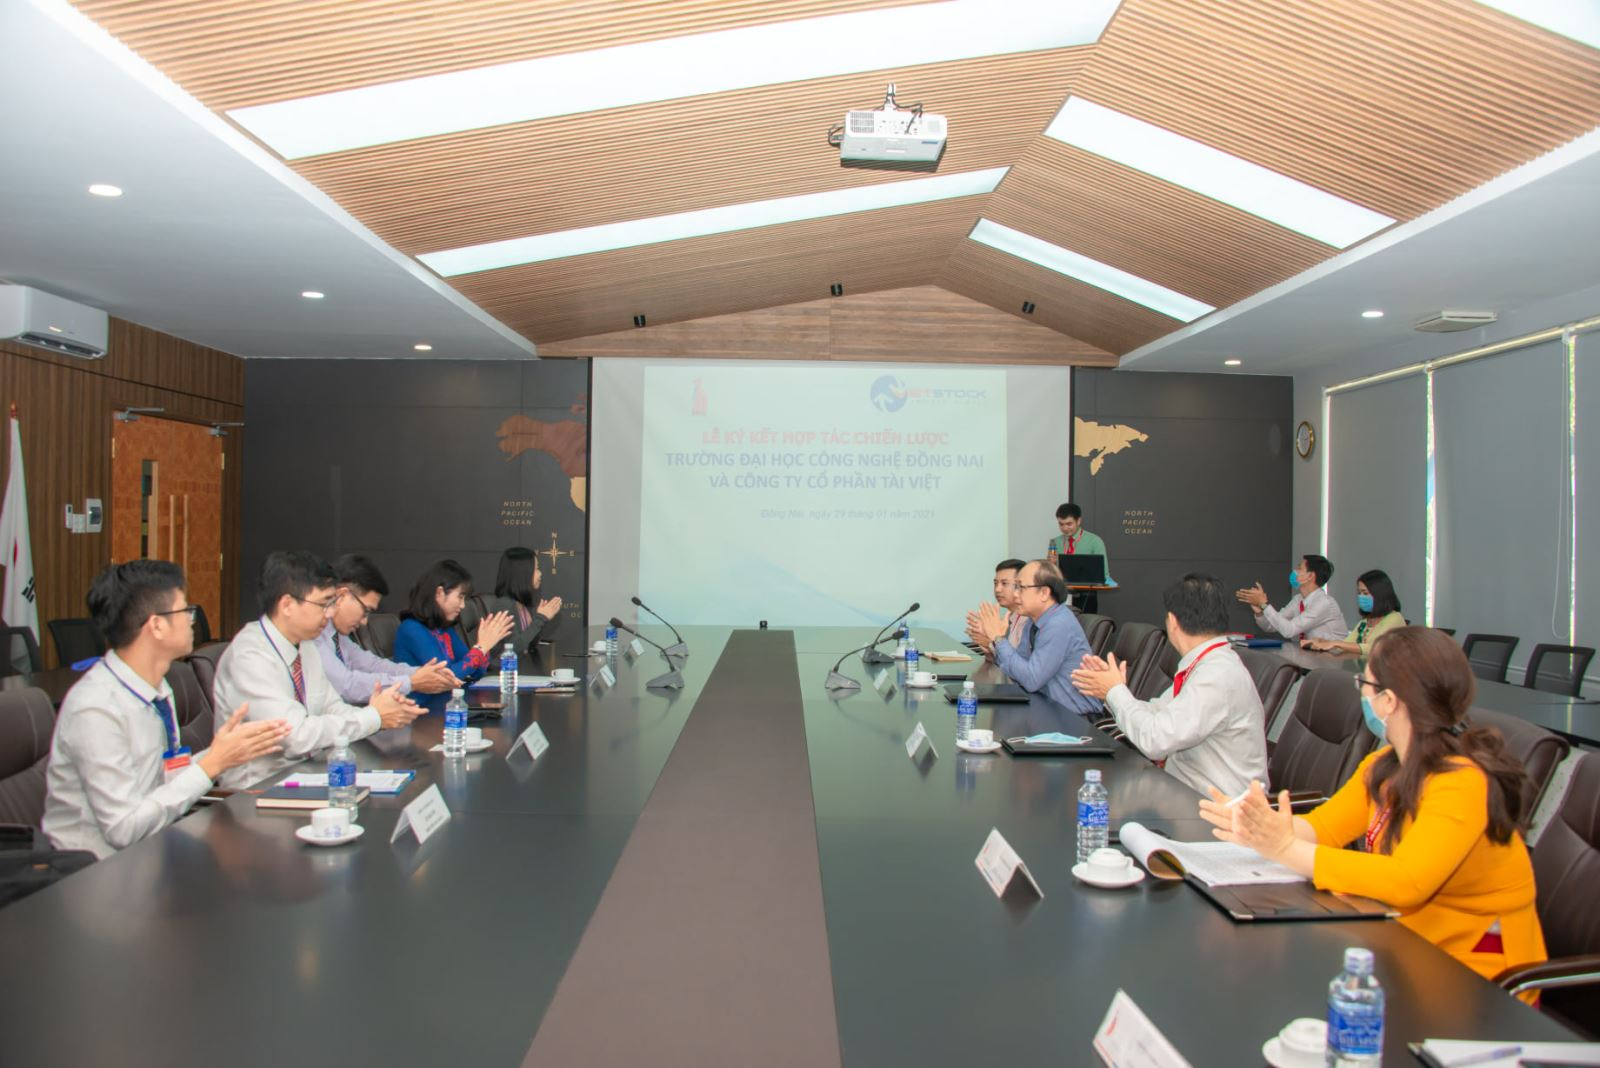 Ký kết hợp tác giữa Trường Đại học Công nghệ Đồng Nai và Công ty CP Tài Việt (VIETSTOCK)